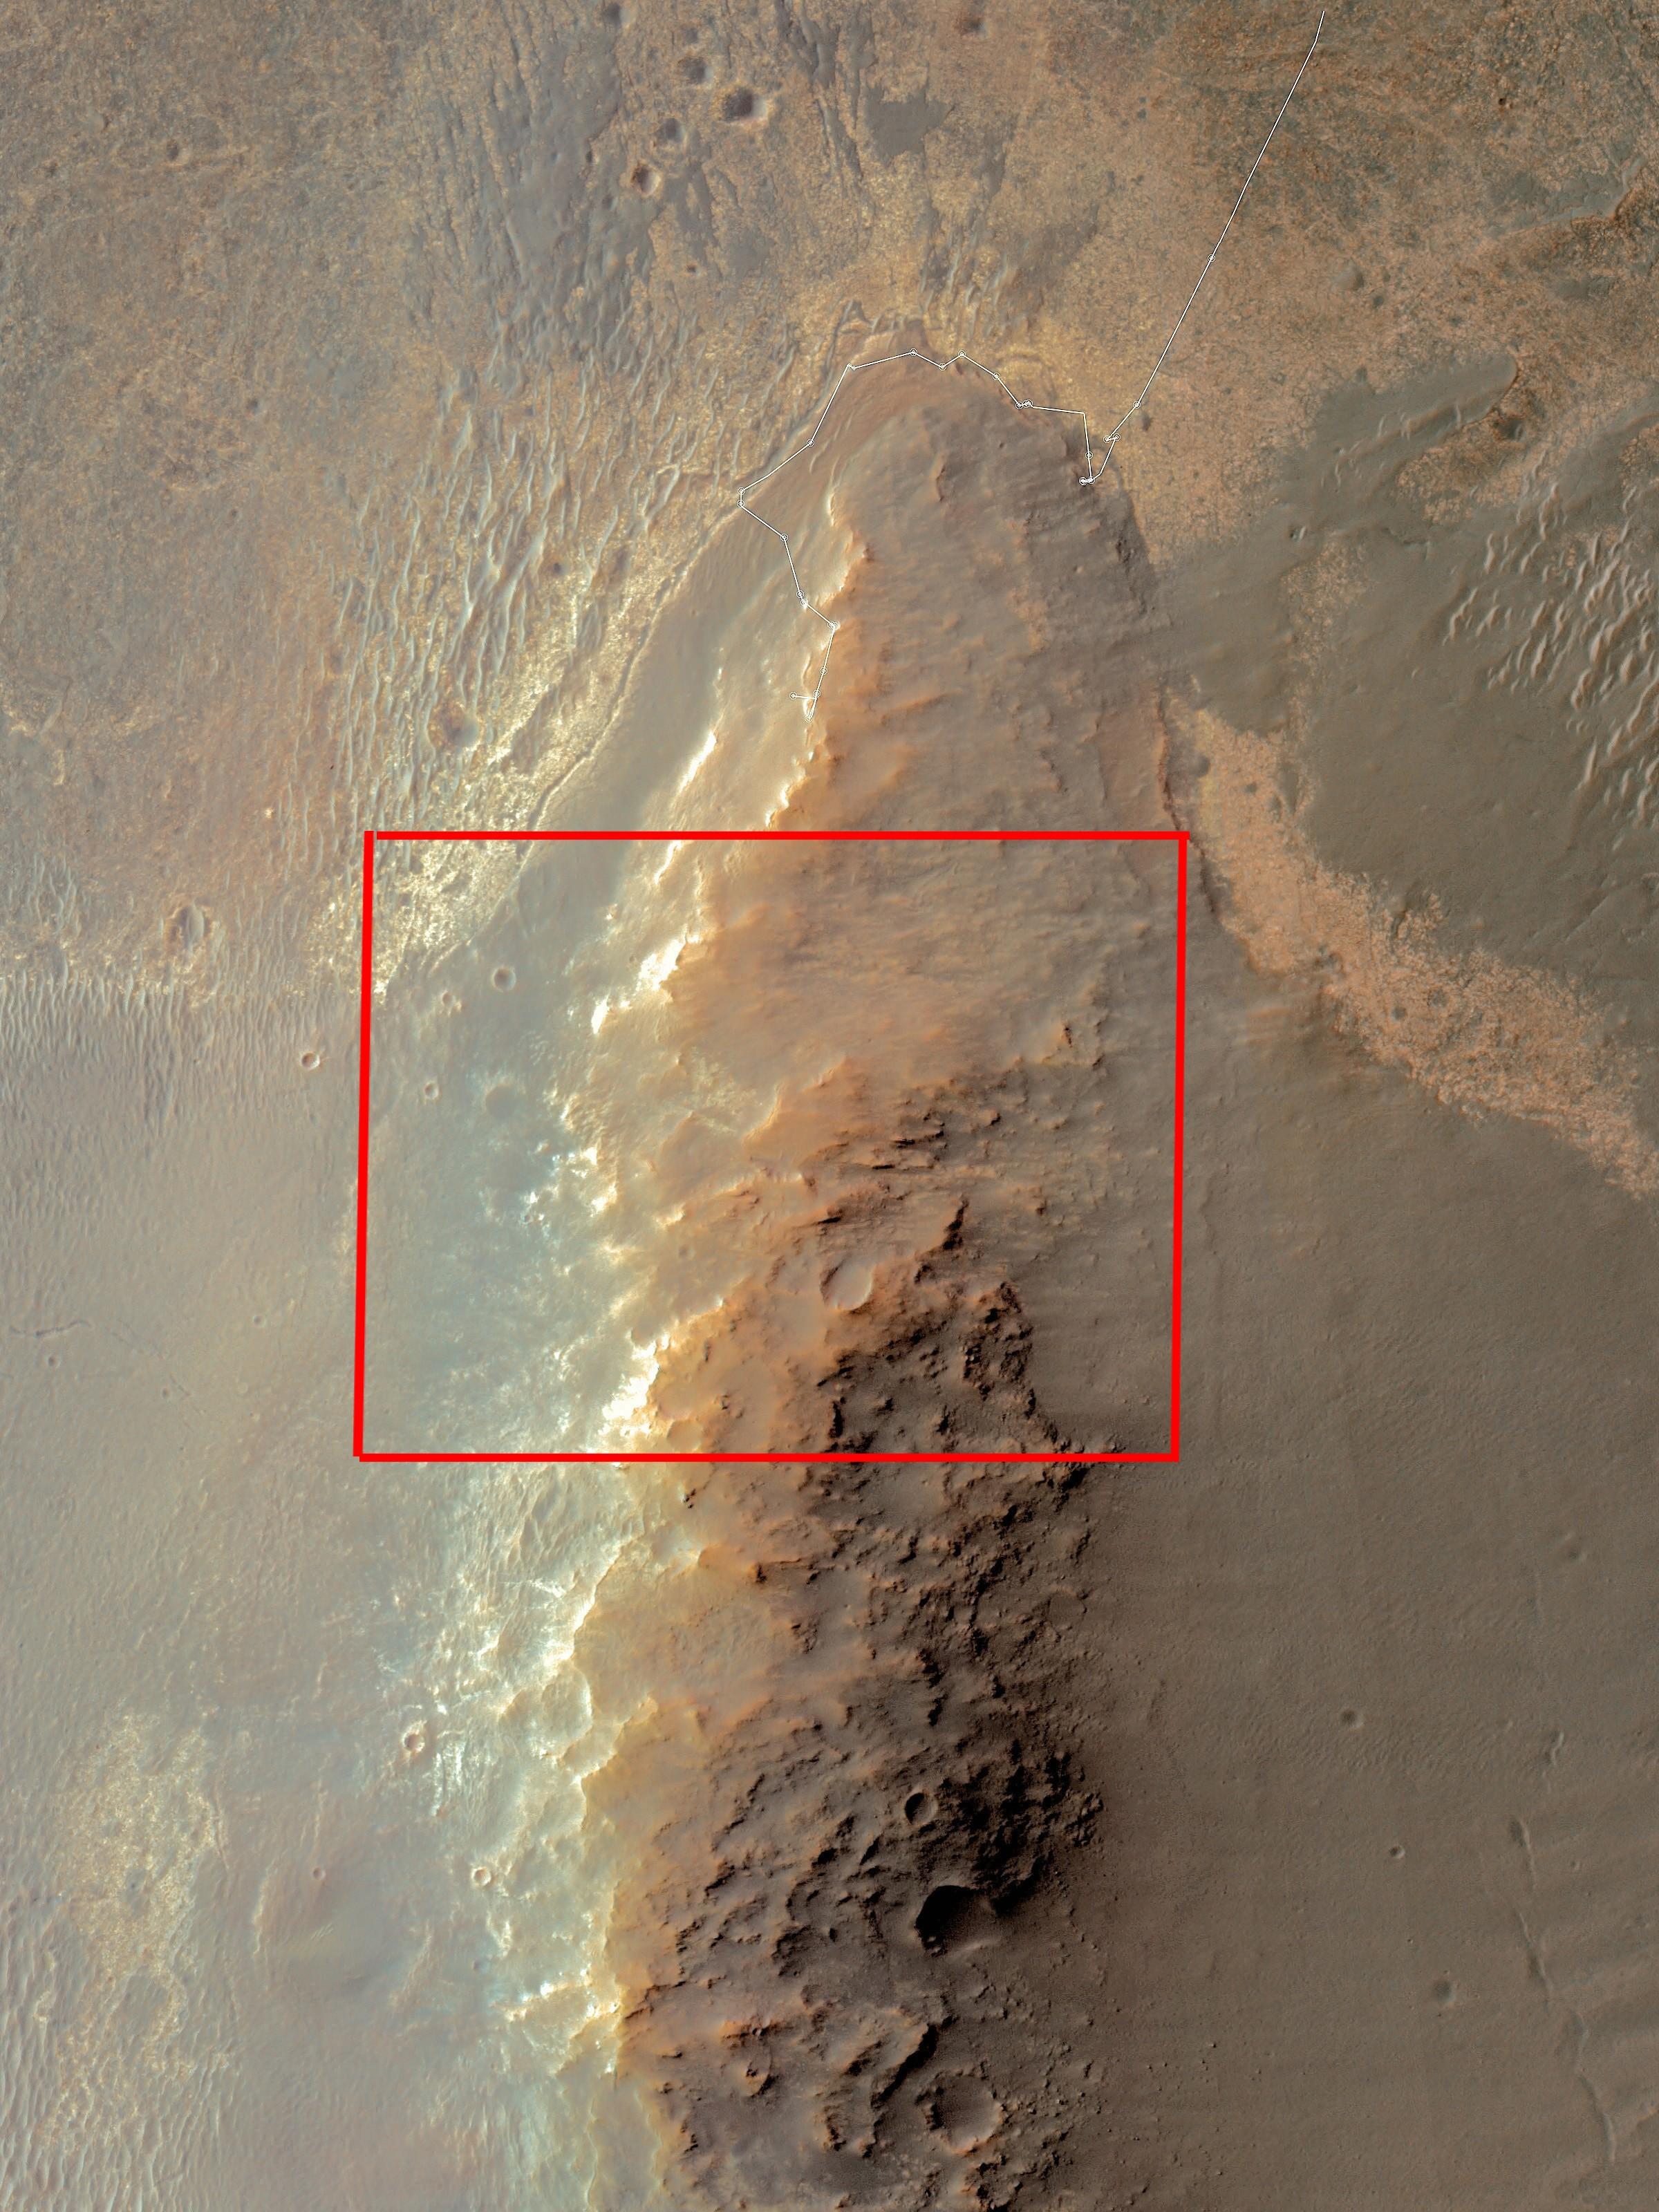 merb_sol3478_1_br2 sol 3478 5-11 renseigné